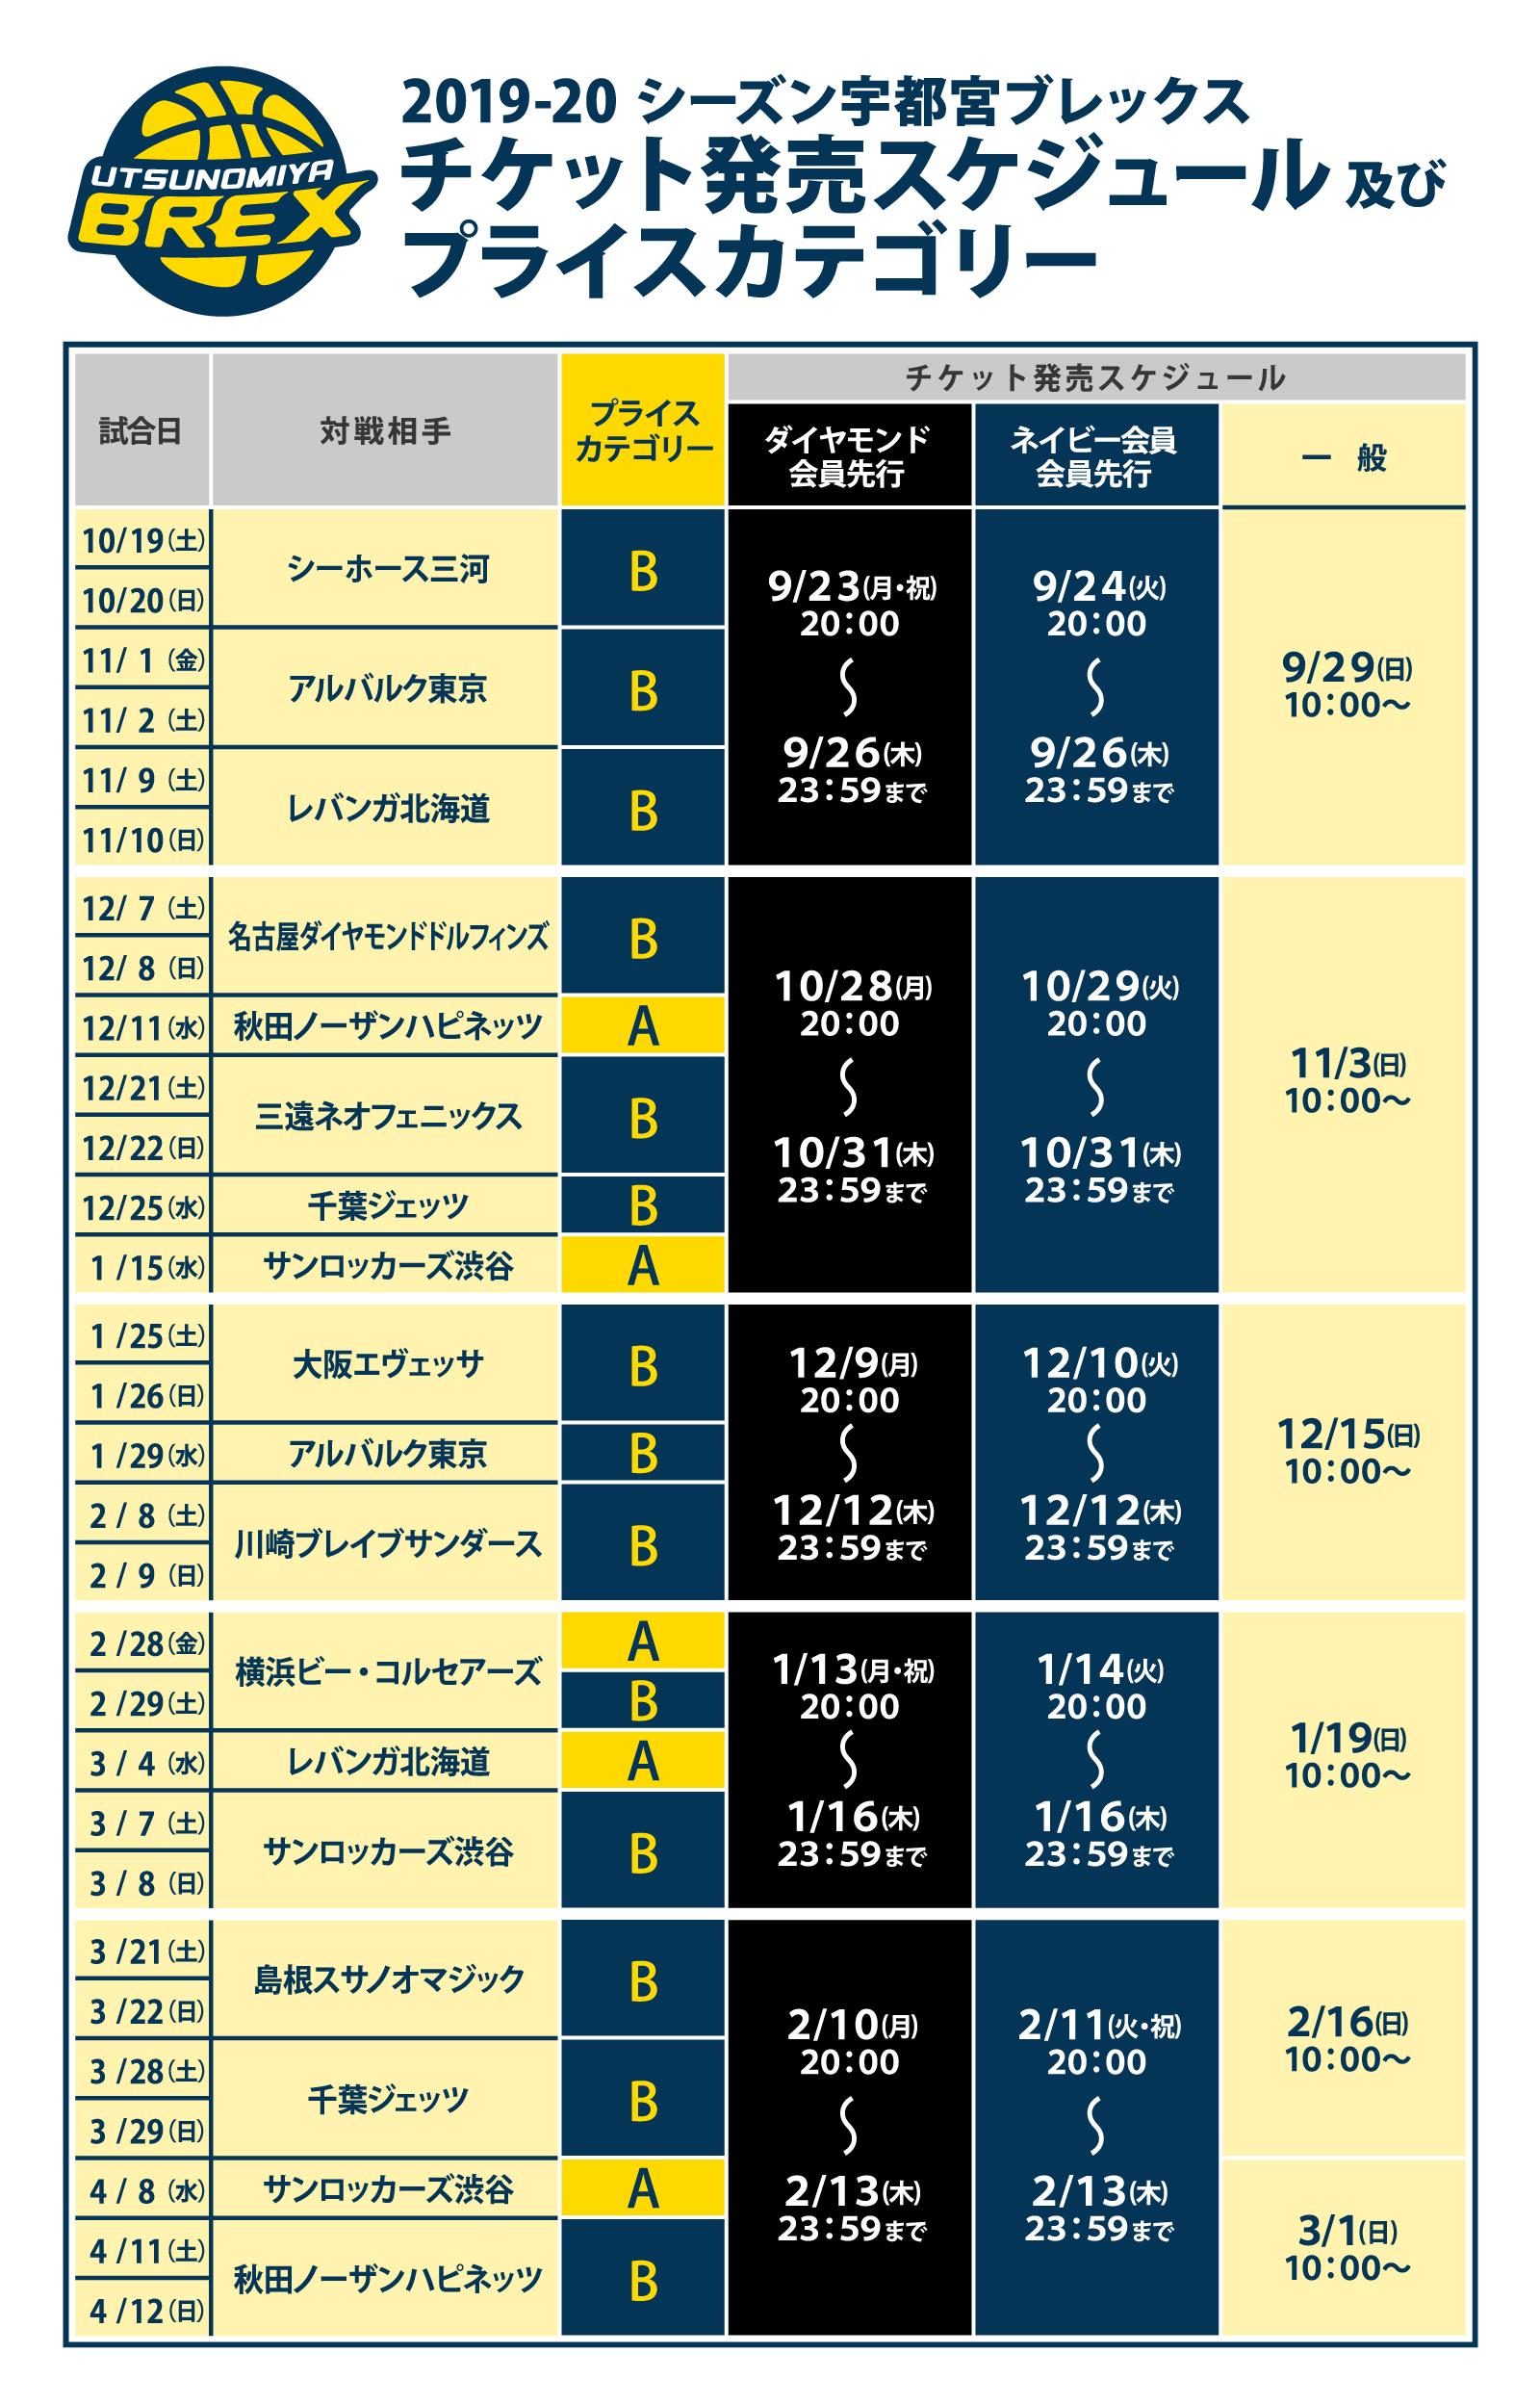 2019-20 宇都宮ブレックス チケット発売スケジュール